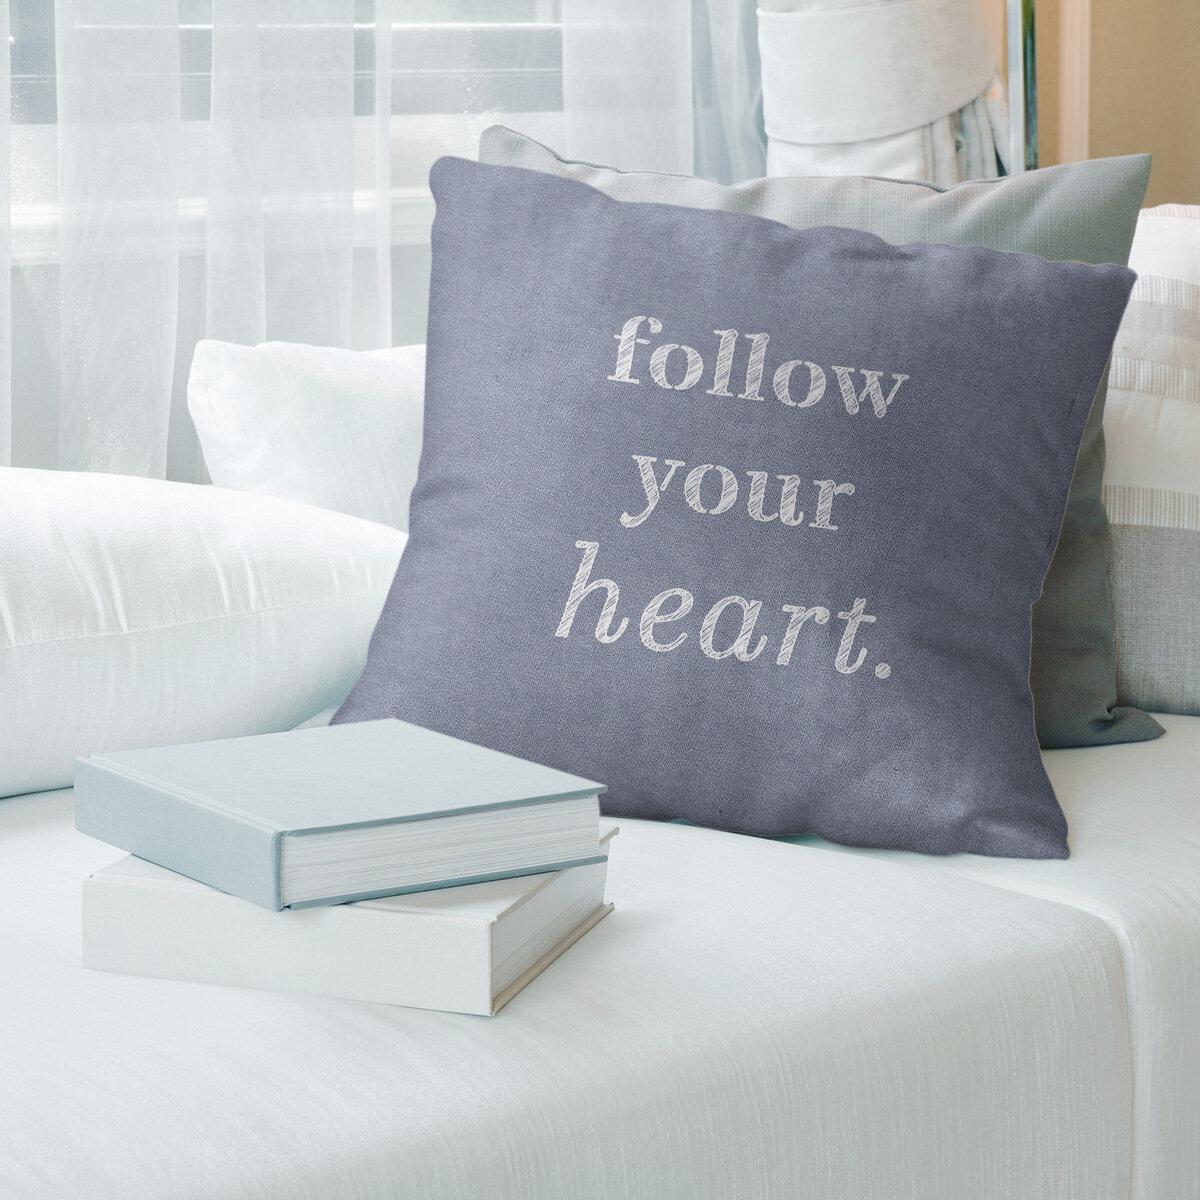 East Urban Home Handwritten Follow Your Heart Quote Pillow Cover Wayfair